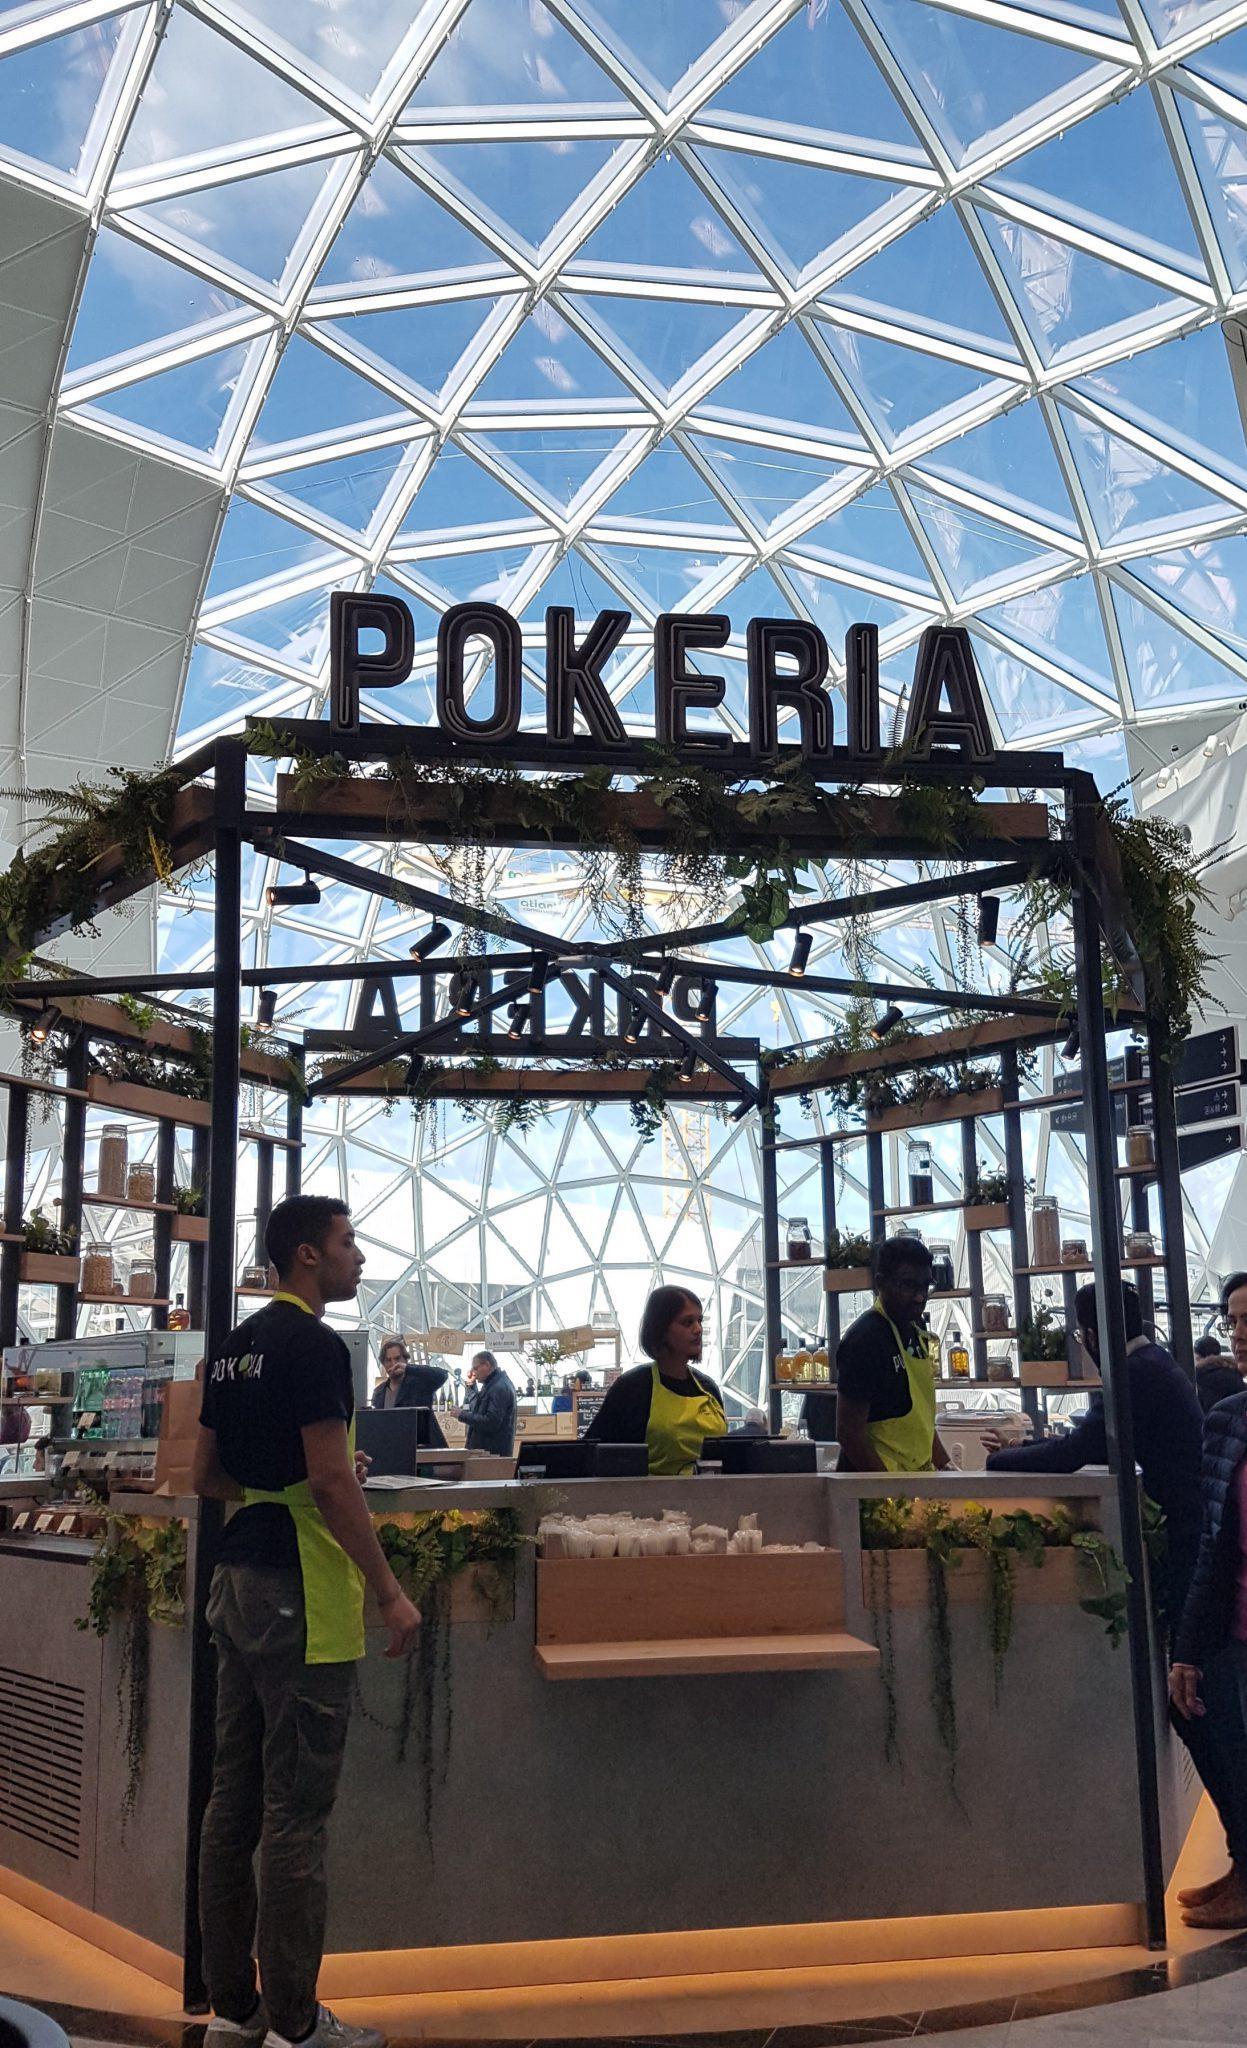 POKERIA 01